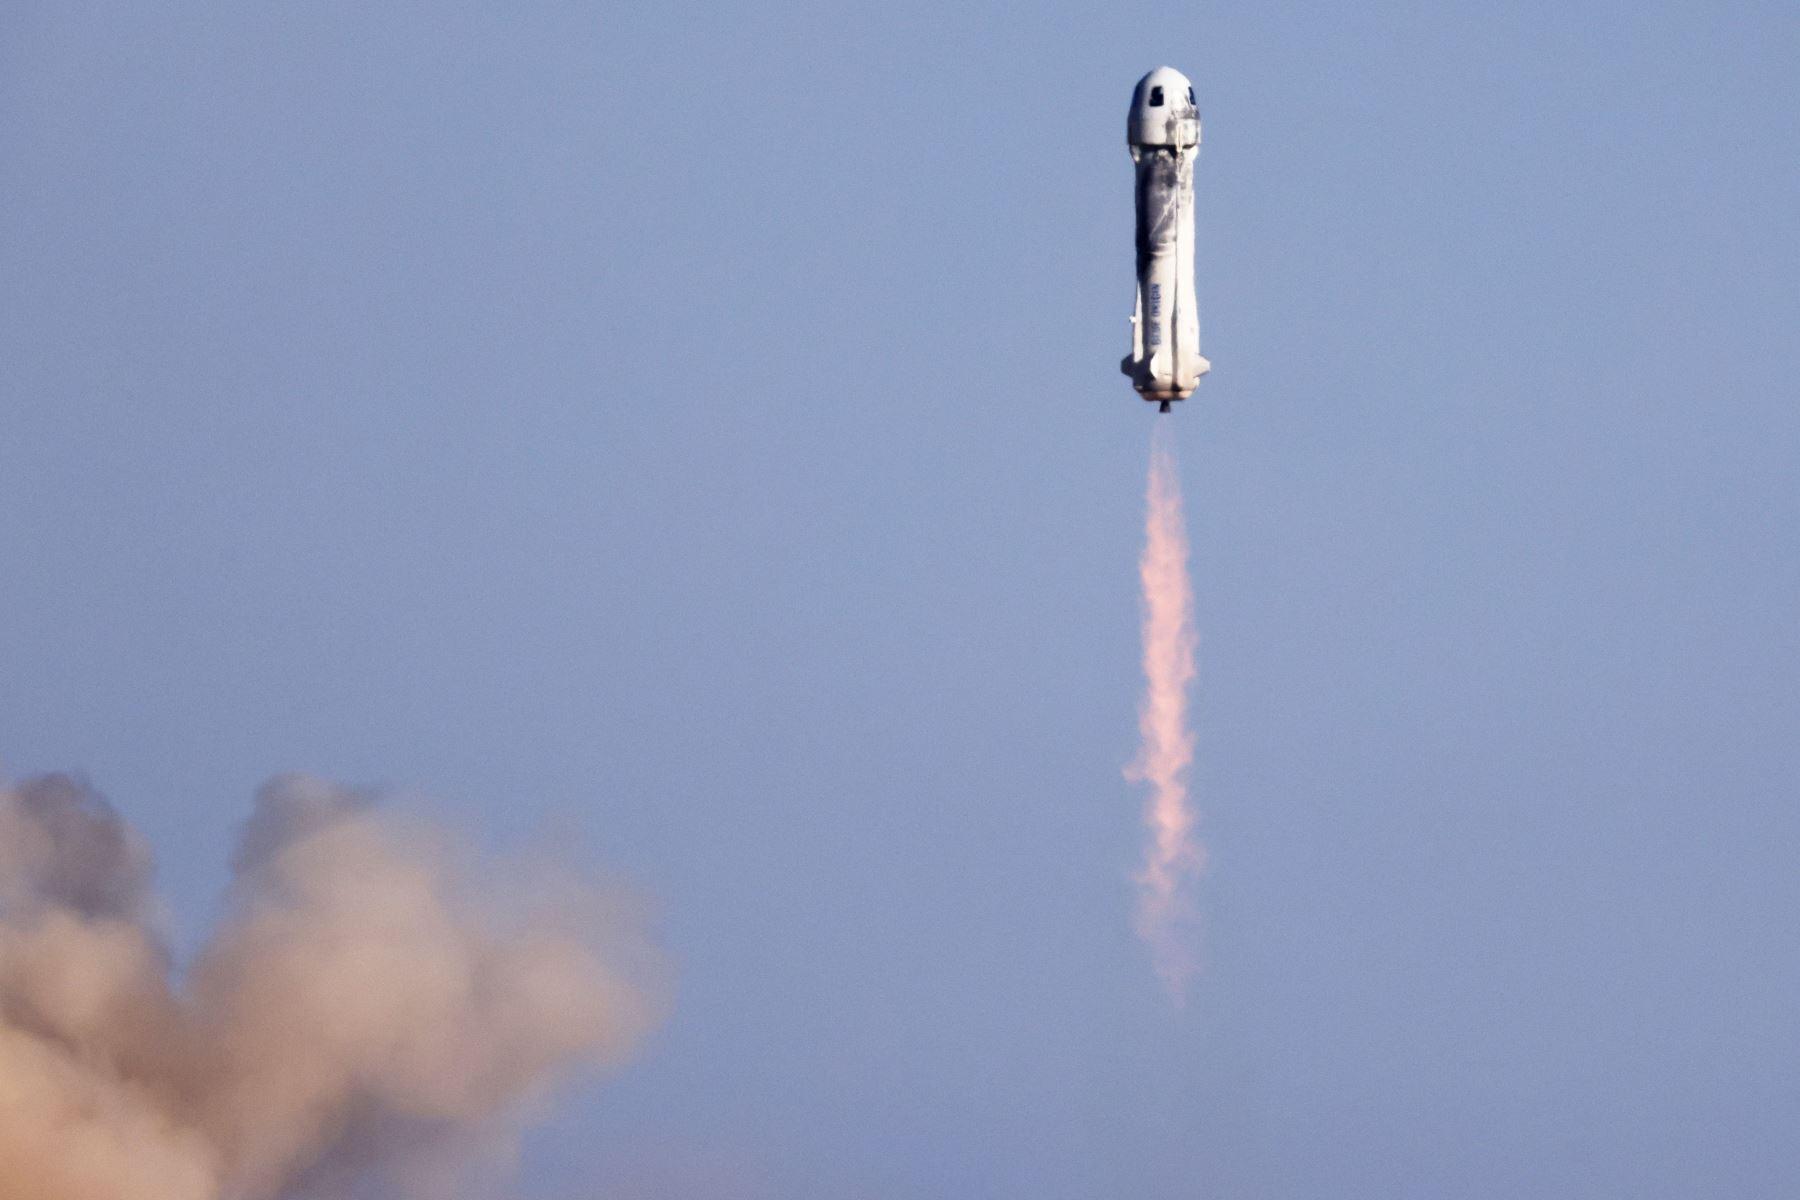 El New Shepard de Blue Origin despega de la plataforma de lanzamiento, cerca de Van Horn, Texas. La misión NS-18, es el segundo vuelo espacial humano de la compañía, propiedad del fundador de Amazon, Jeff Bezos. Foto: AFP